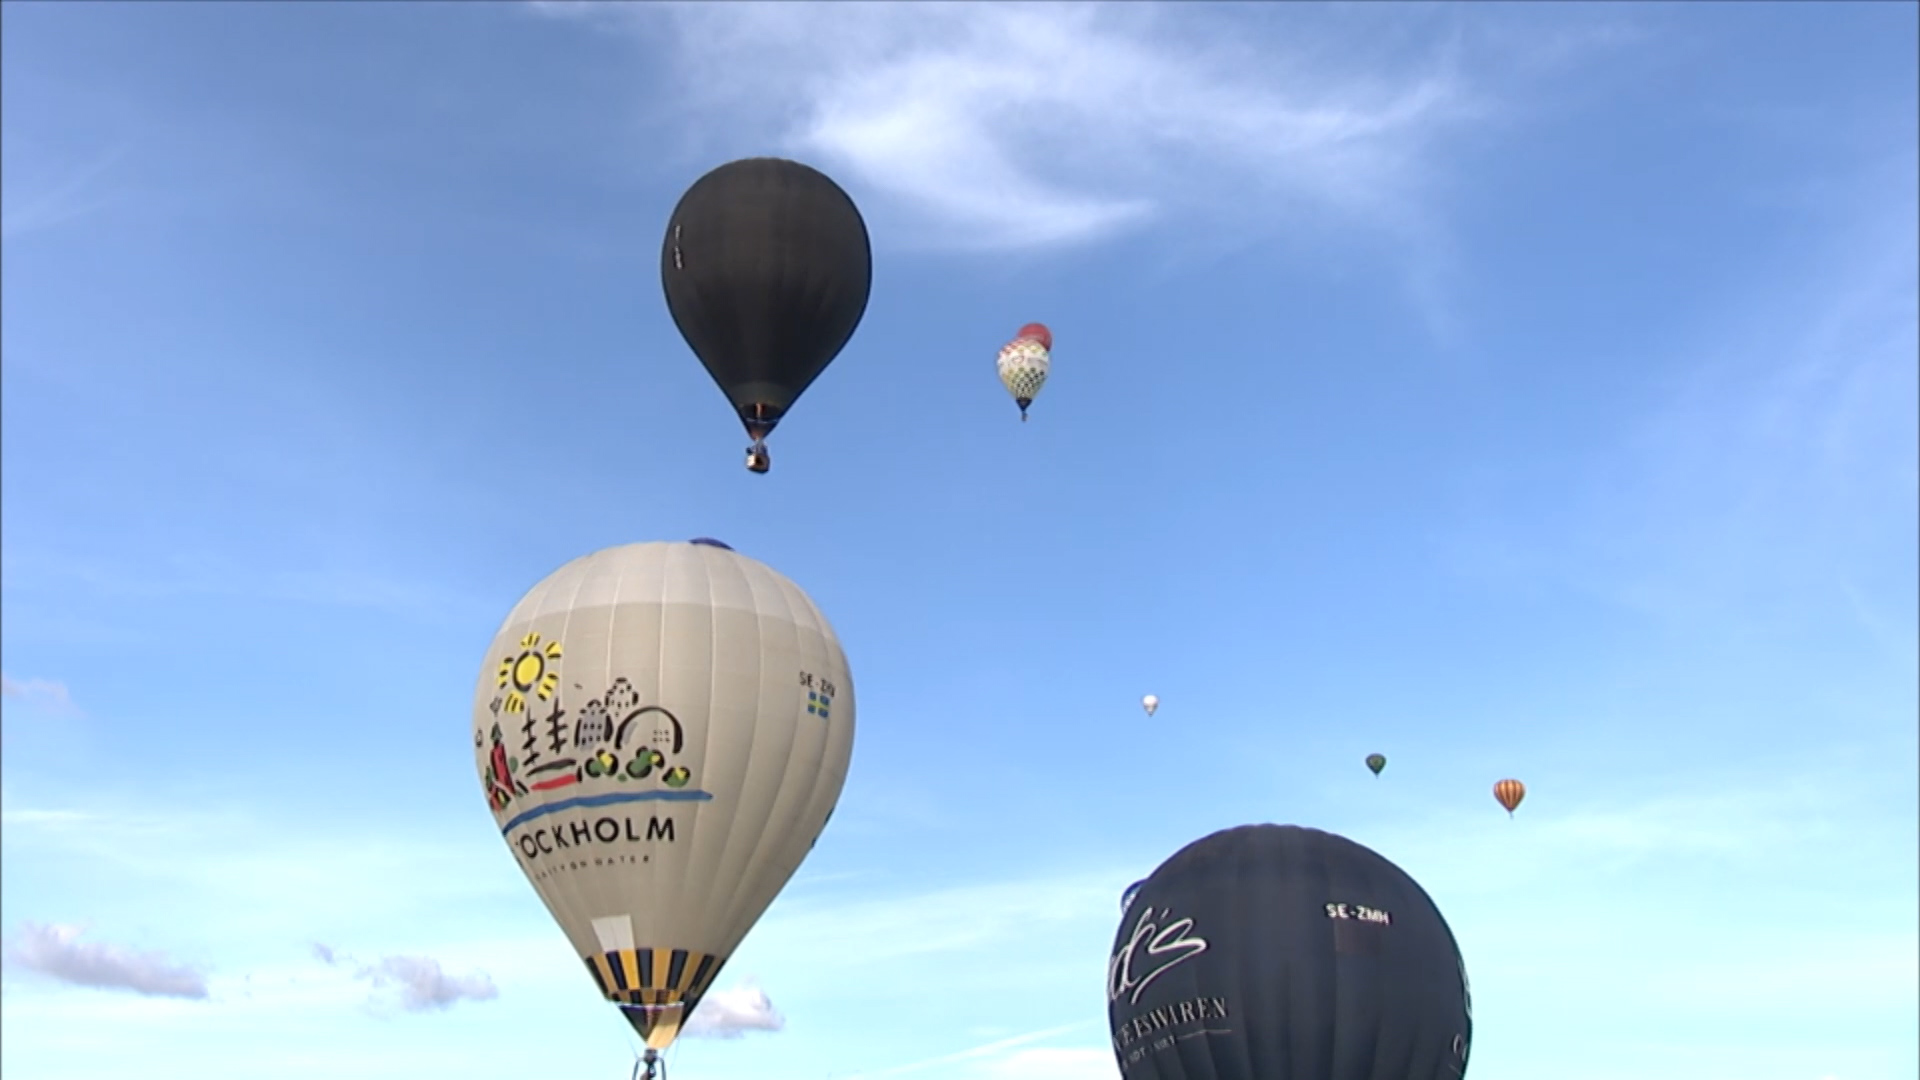 ballon.jpg